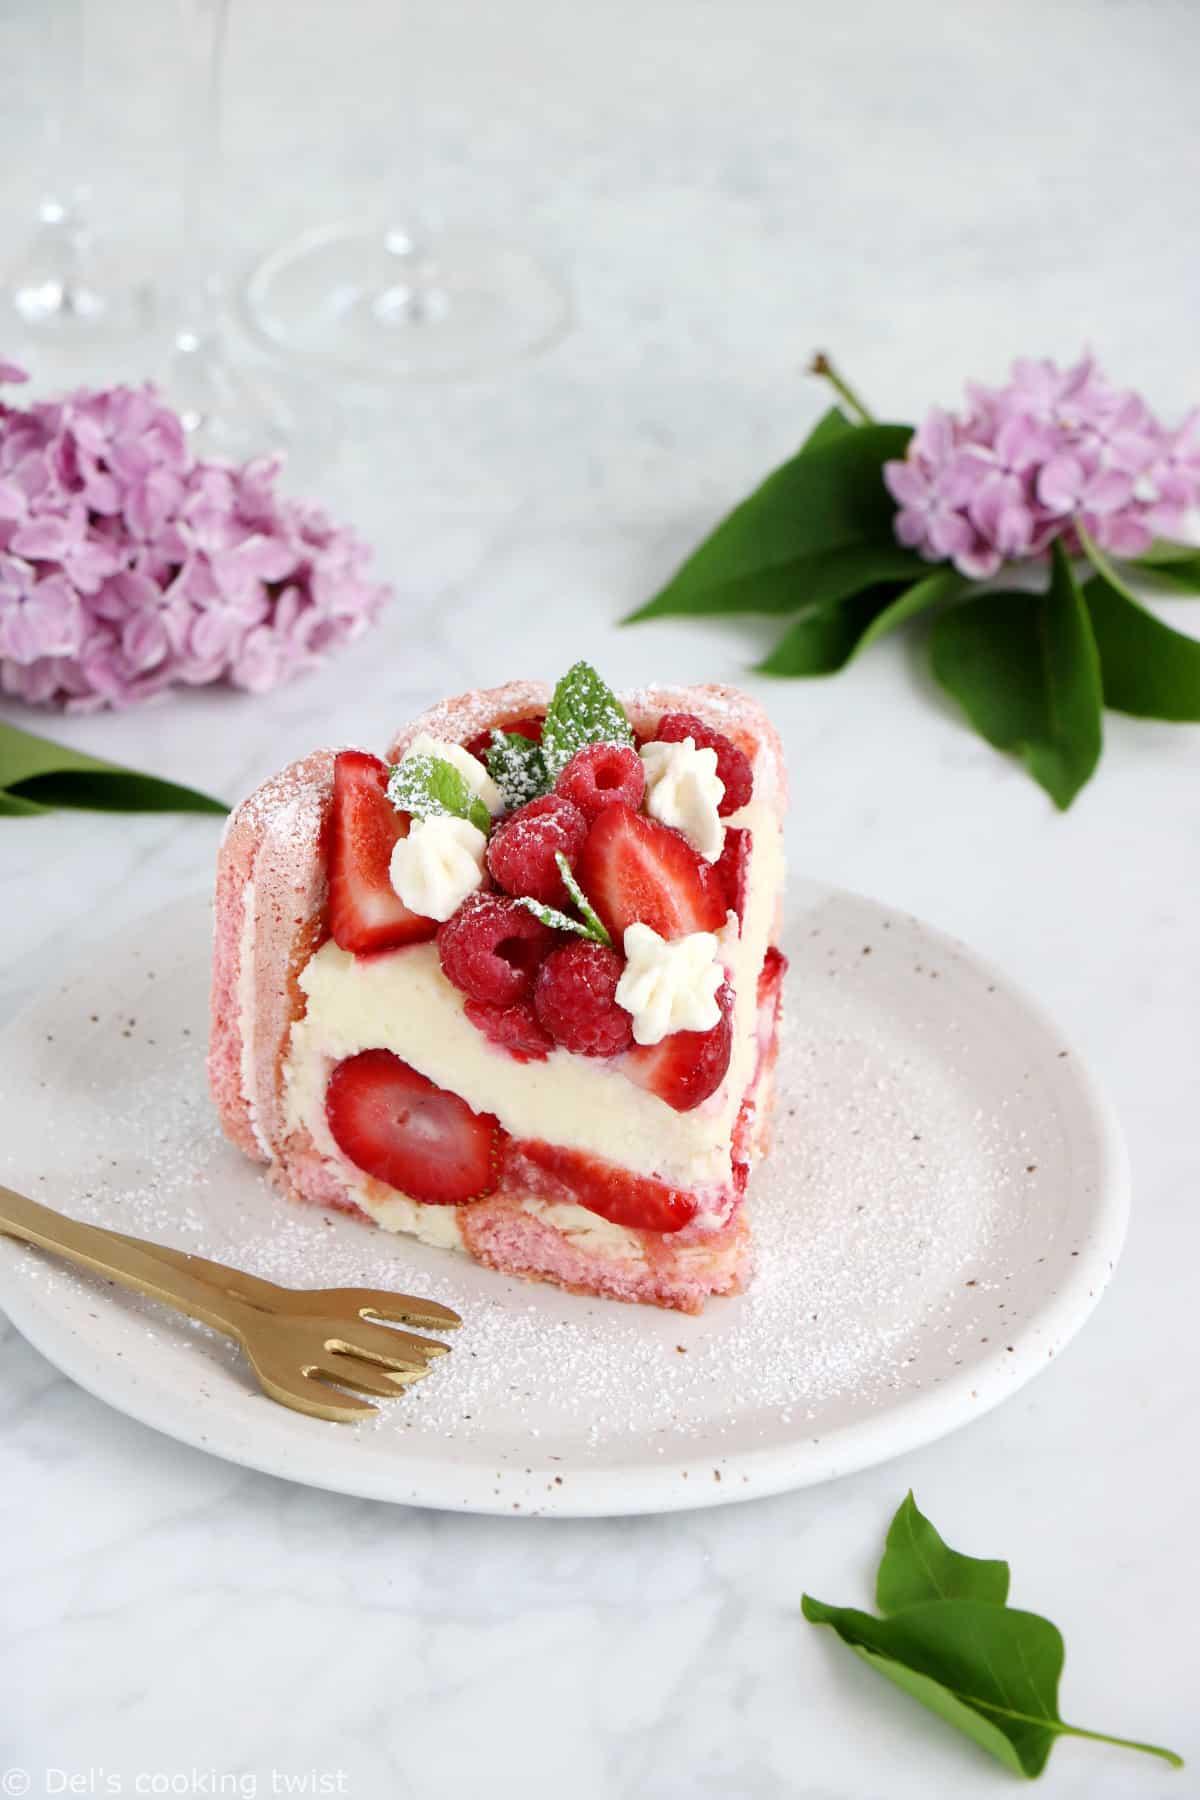 Charlotte aux fraises aux biscuits roses de Reims et mousse au chocolat blanc